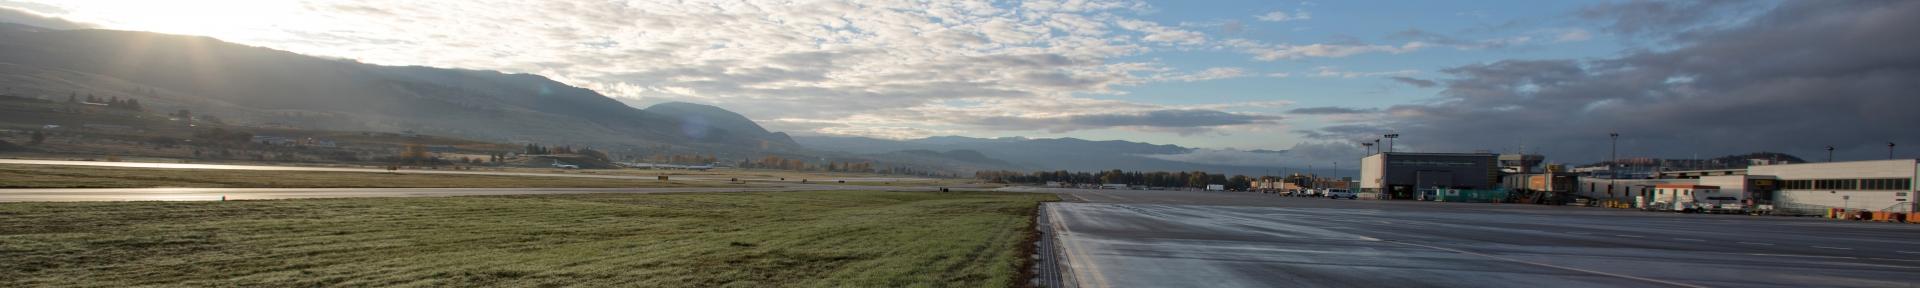 Runway lands